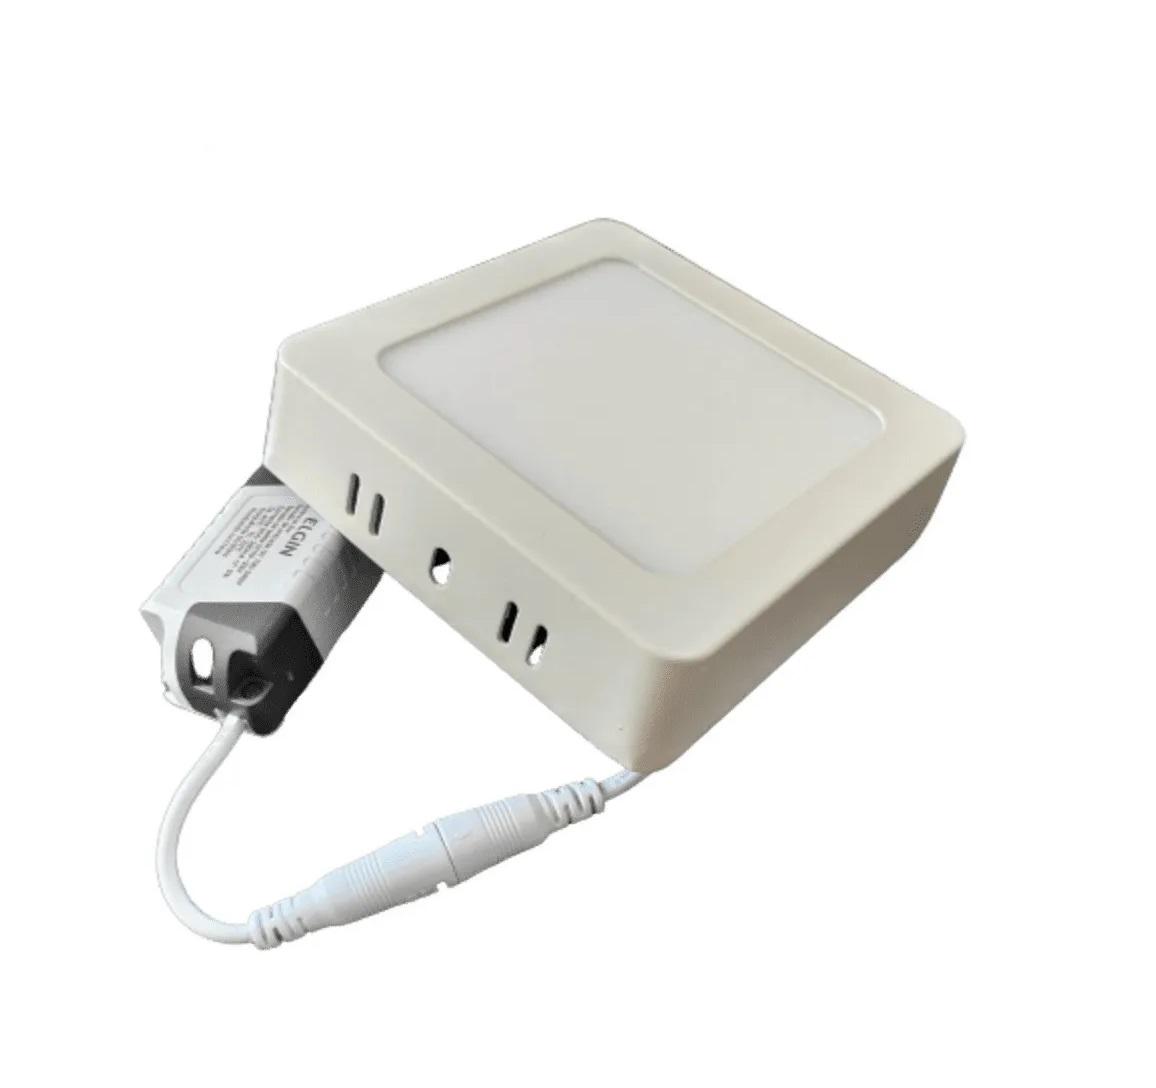 Luminária painel Led de sobrepor quadrado 6W 6500K Fria bivolt Elgin  - Mix Eletro